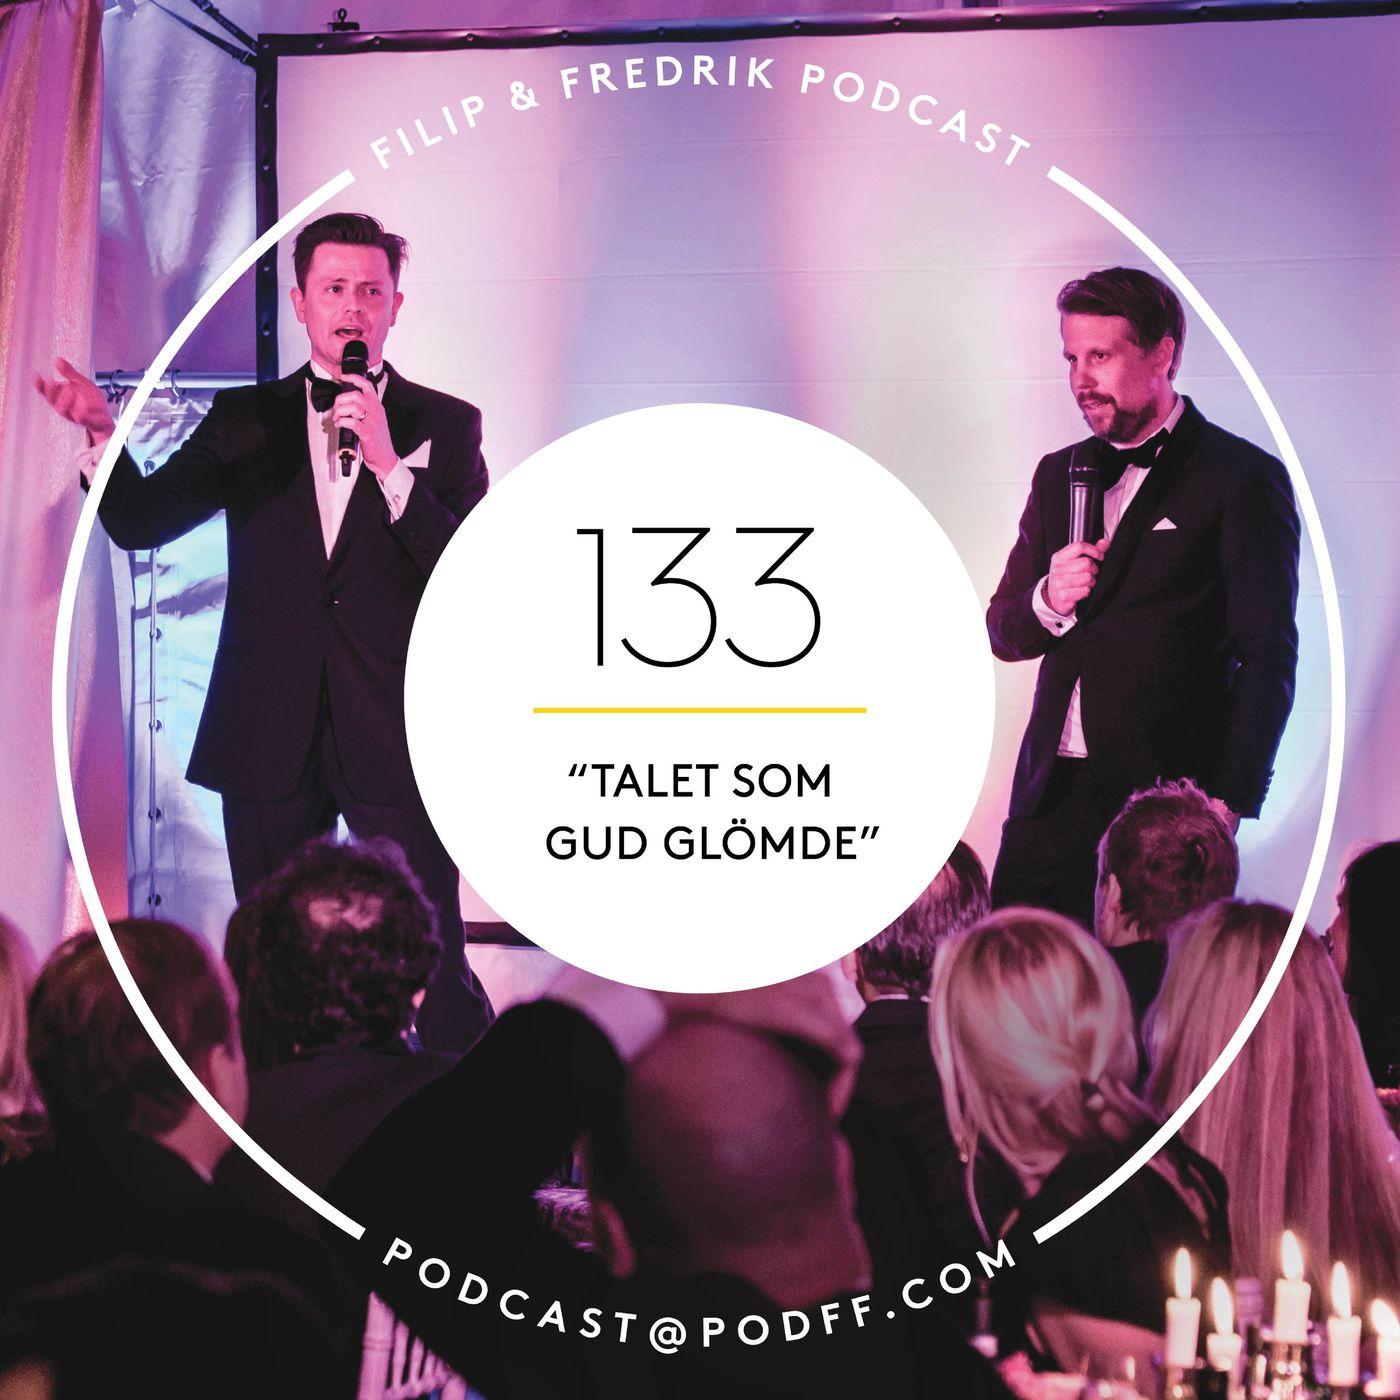 """481. """"Jag är naken och luktar parfym"""" – Filip & Fredrik"""